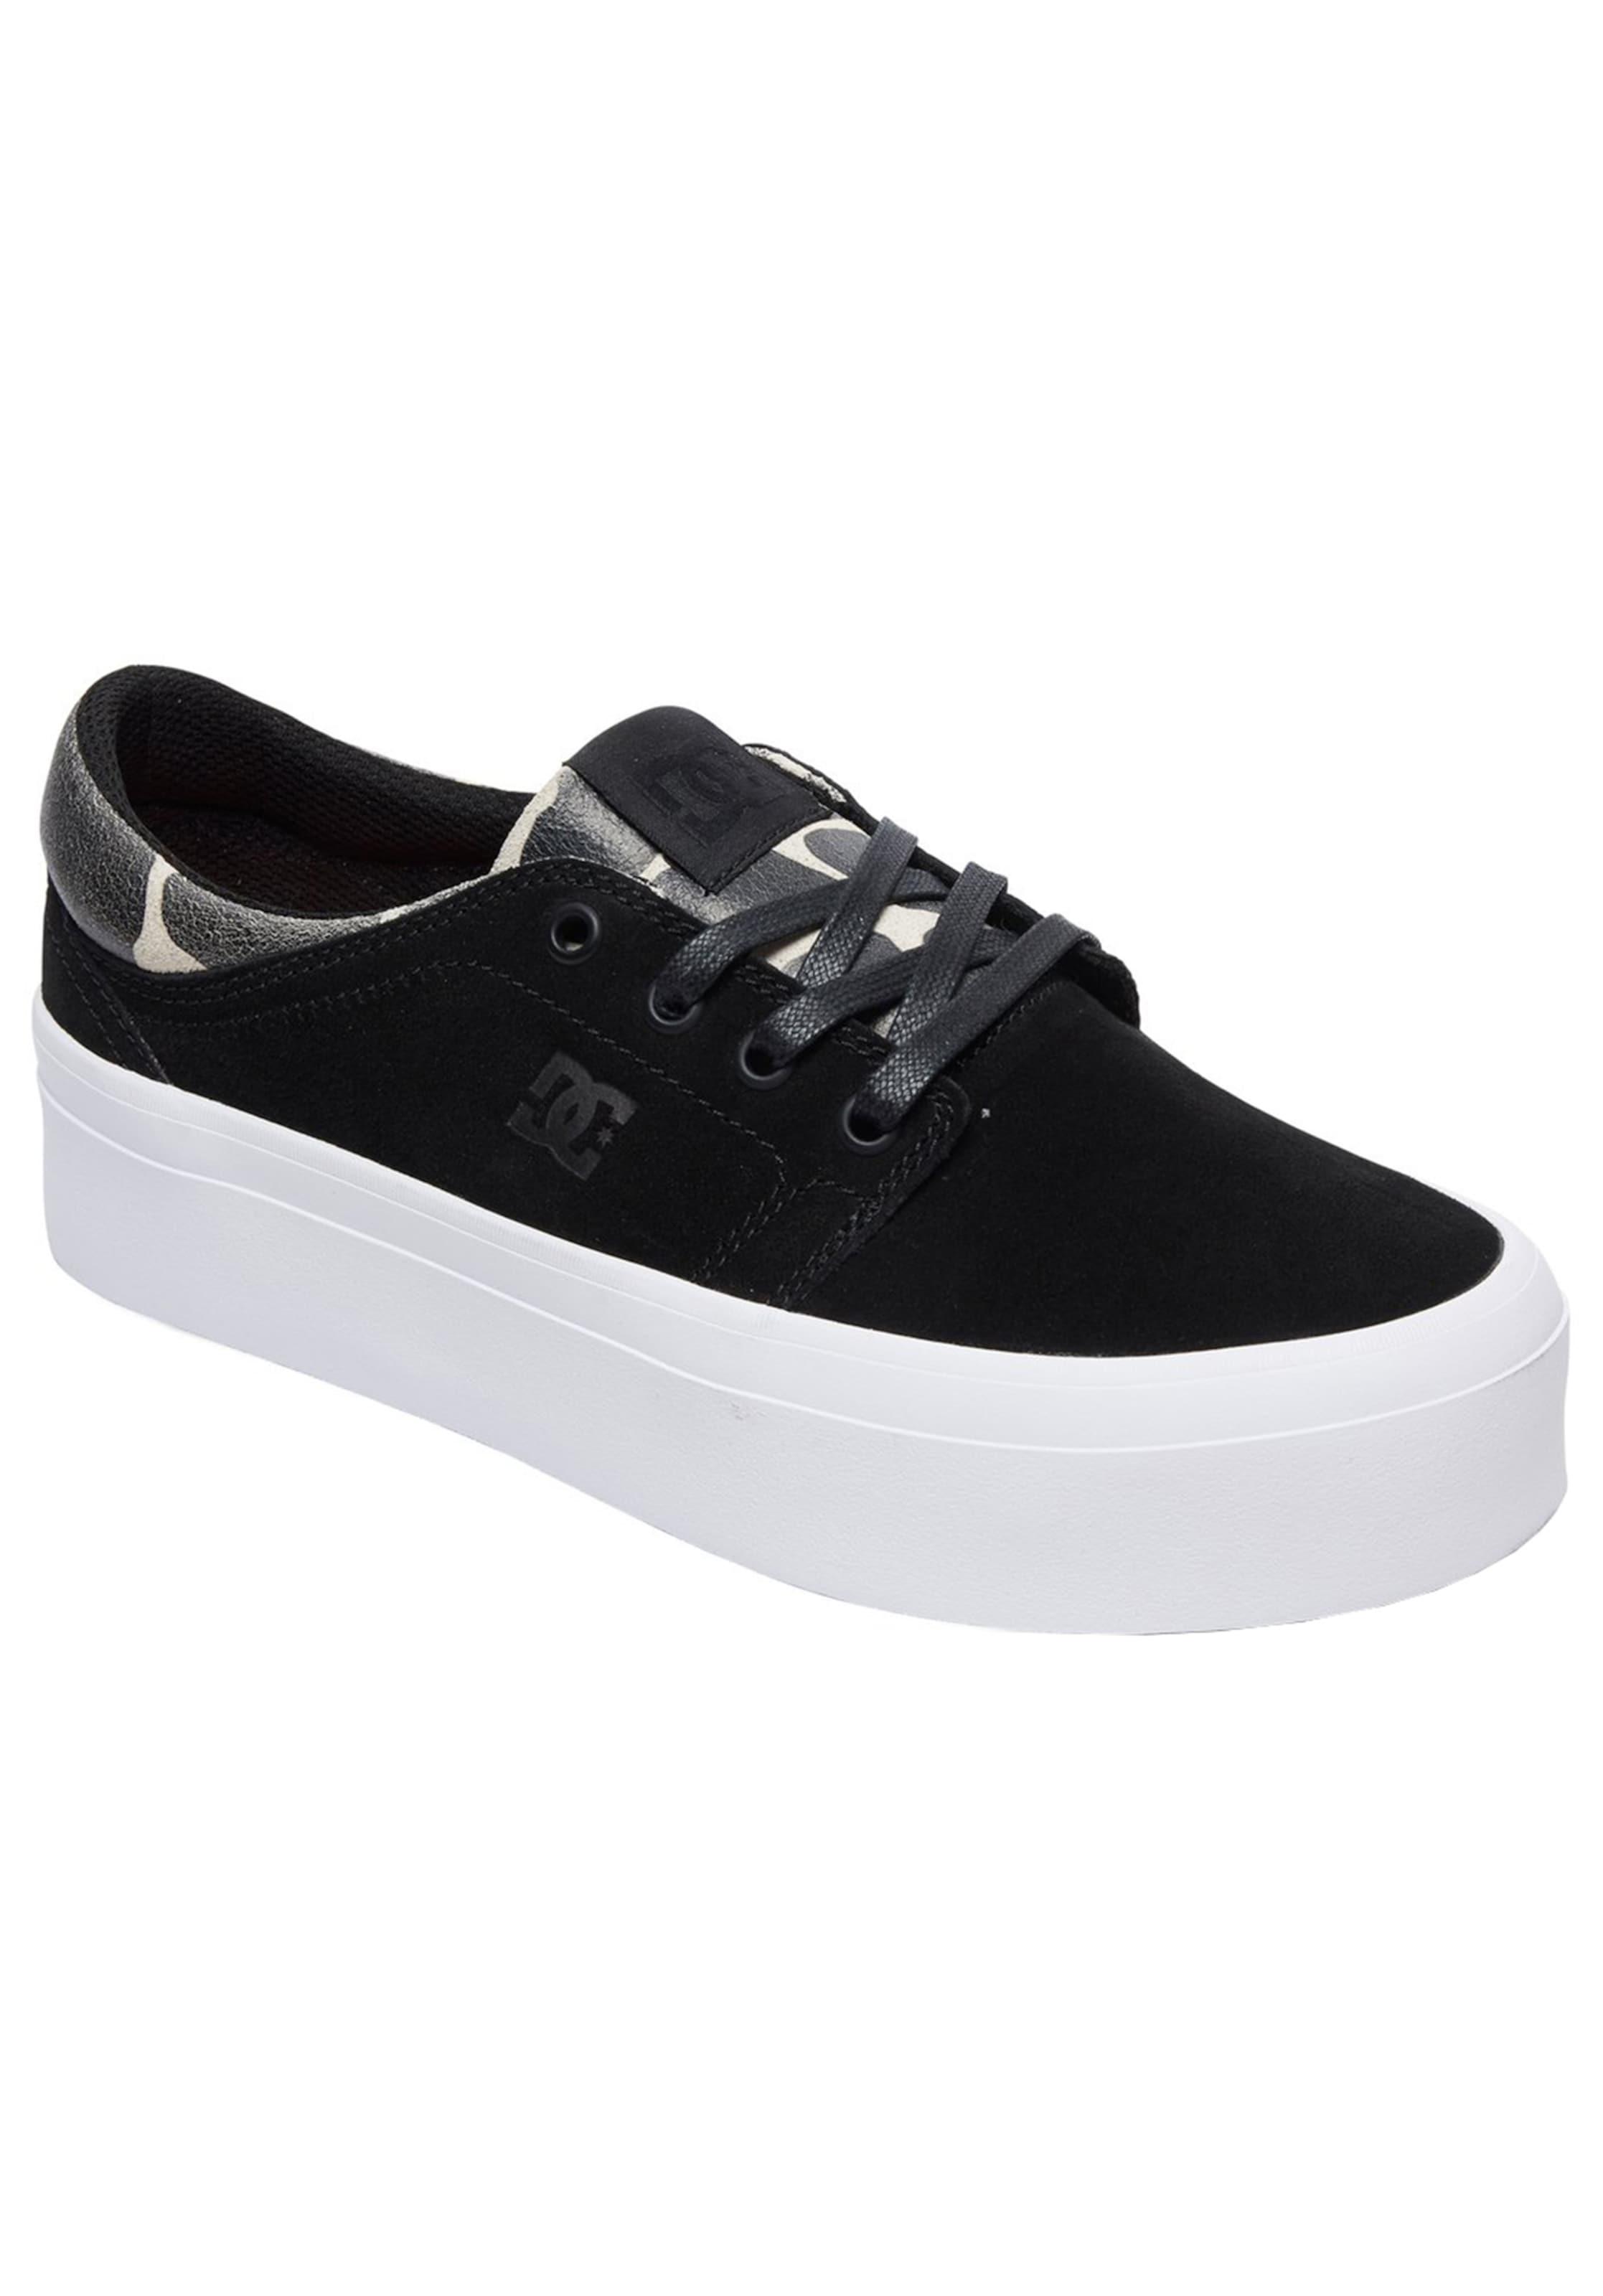 Schwarz Sneaker Platform In Se' Shoes 'trase Dc 0Ov8nwmN